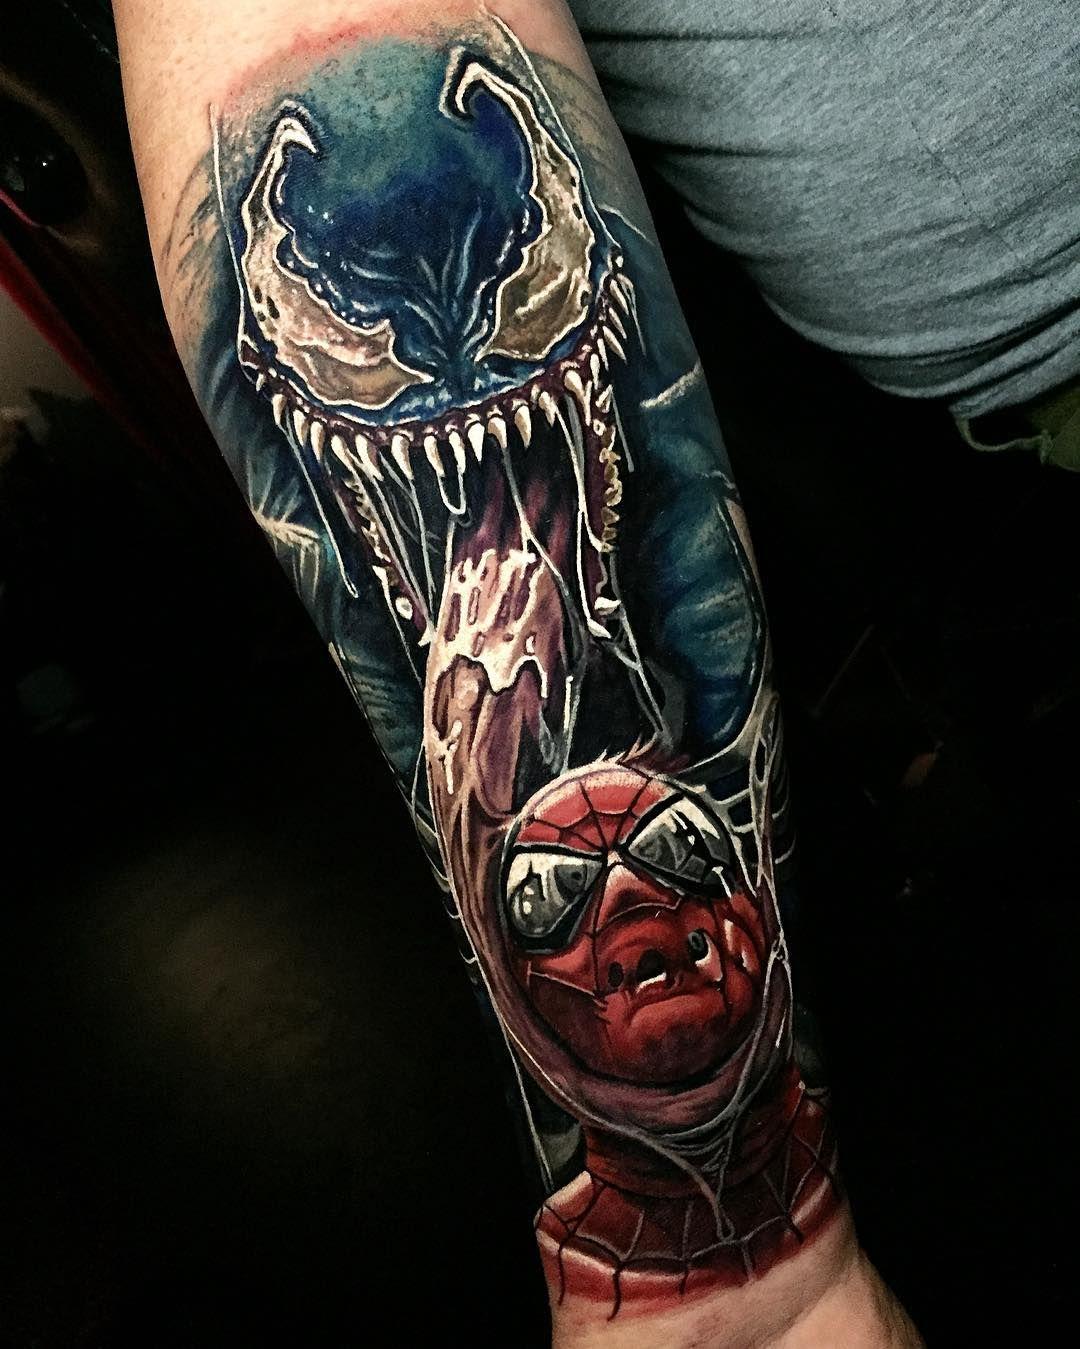 cee72a7e5 New Zealand. Stevebutchertattoos@gmail.com for appointments. Spiderman  Tattoo, World Tattoo